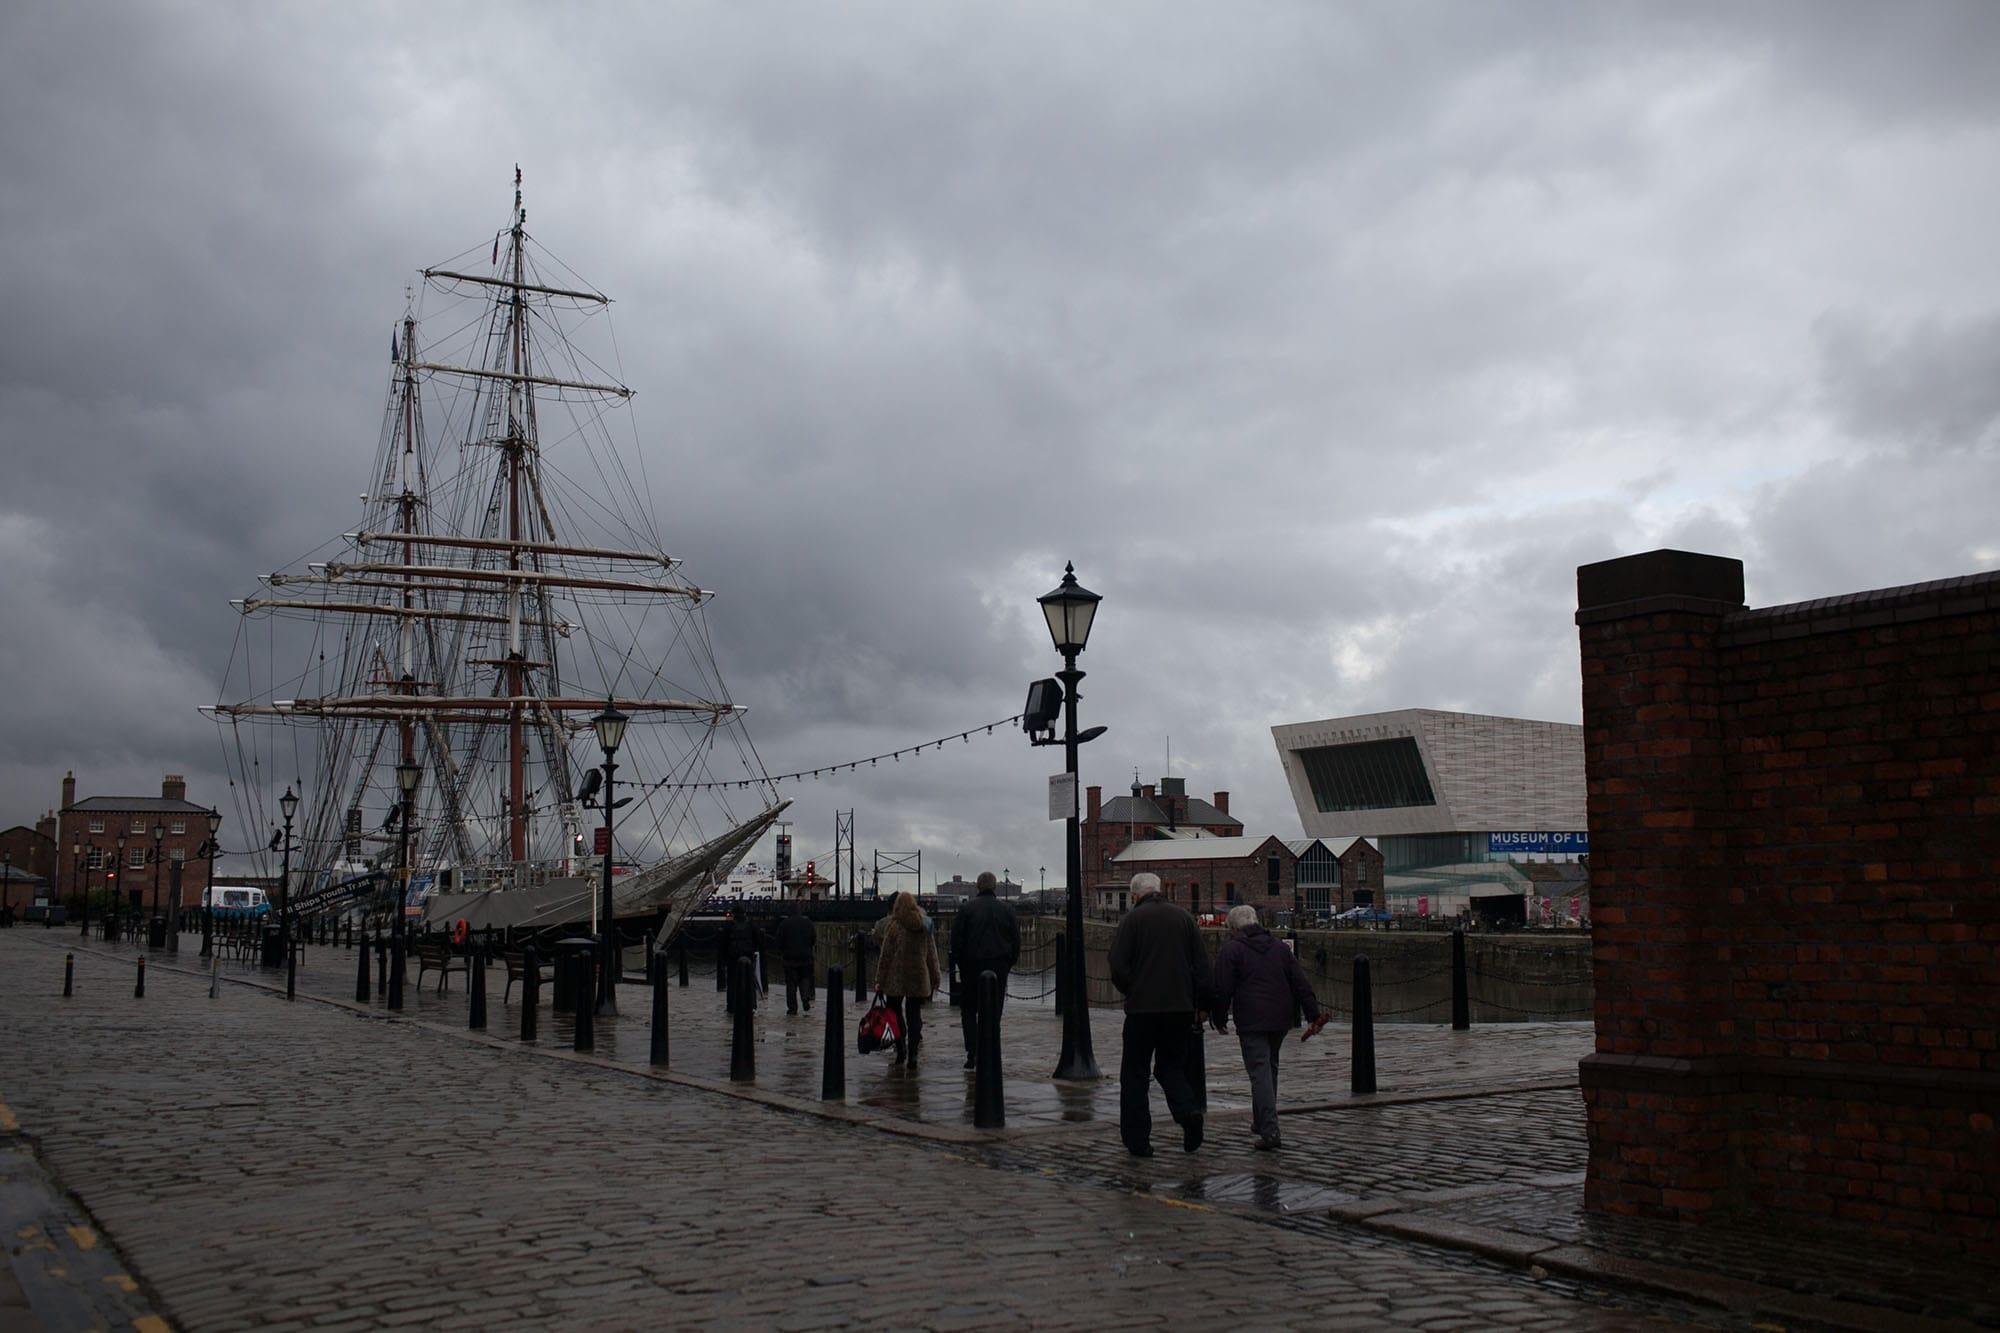 Albert Dock in Liverpool, England